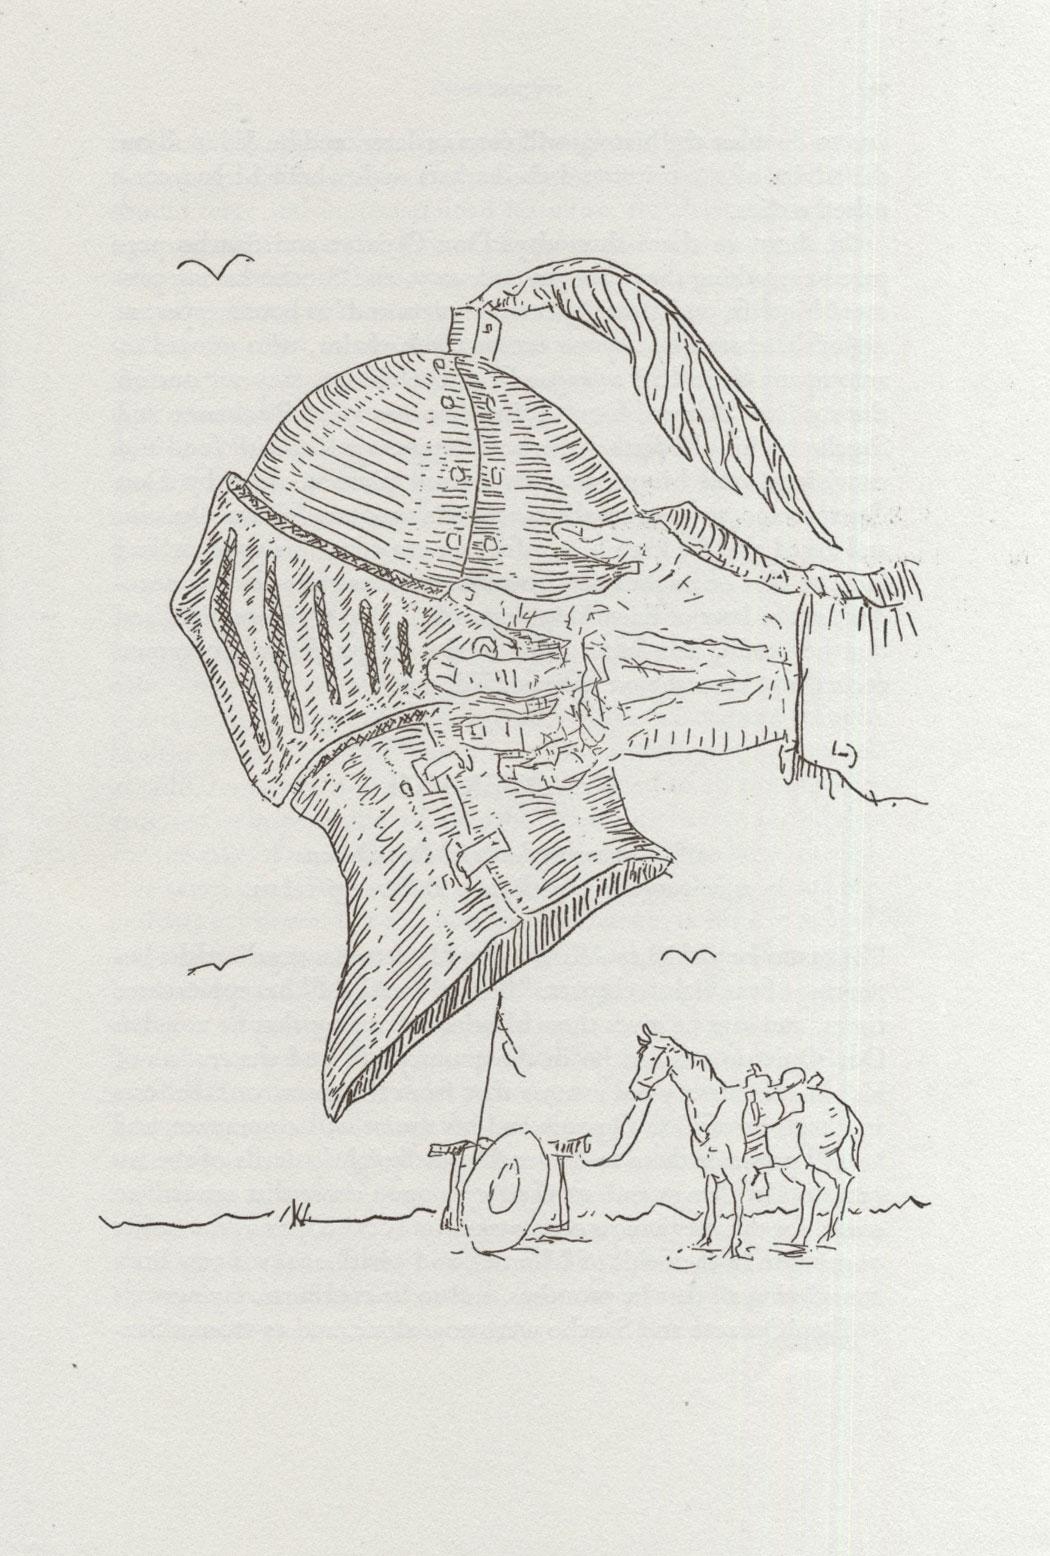 p.-73.ill.sallet-helmet.jpg